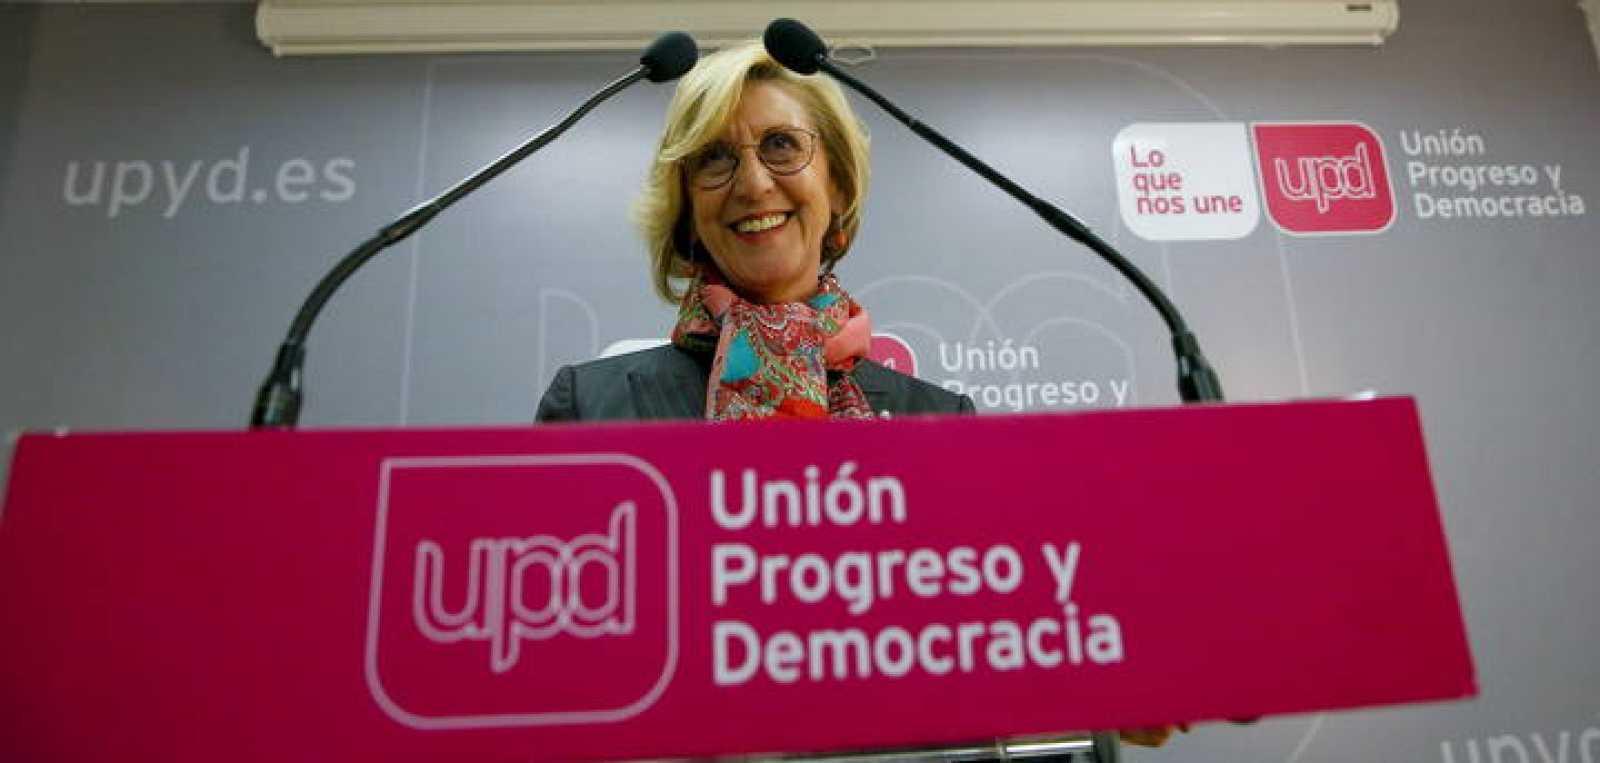 [UPyD] Rueda de Prensa ?w=1600&i=1427127128921